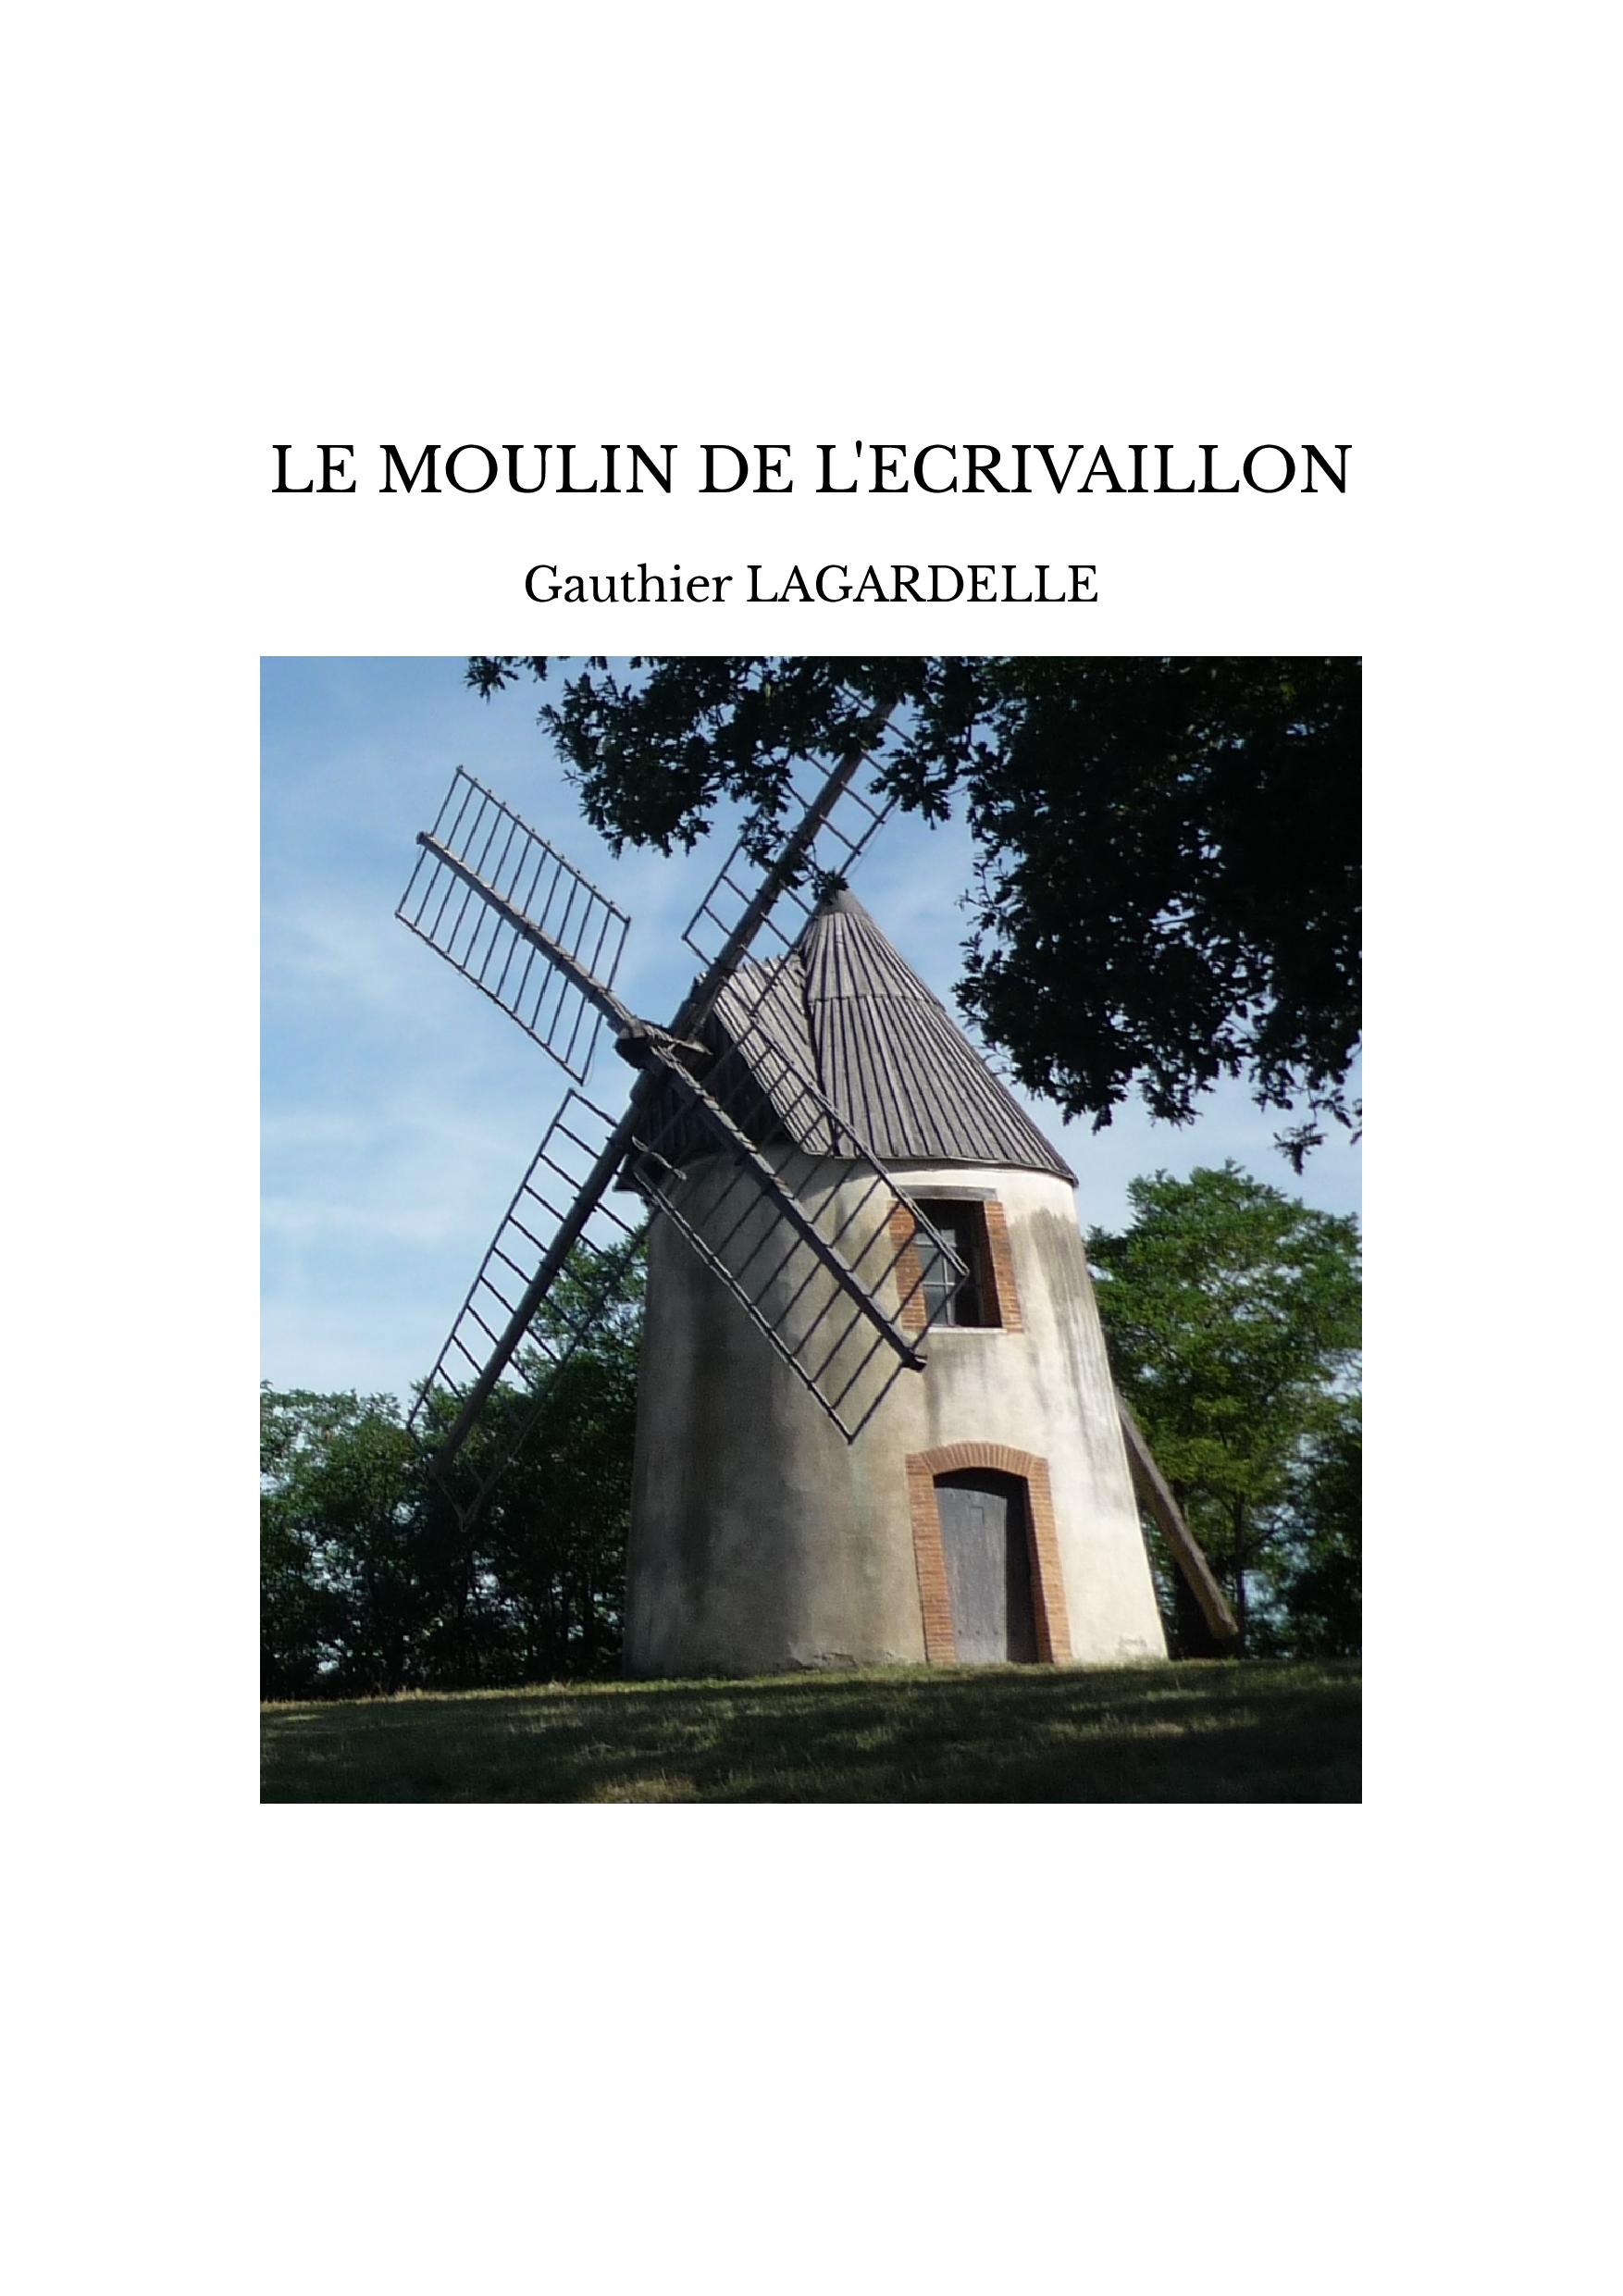 LE MOULIN DE L'ECRIVAILLON